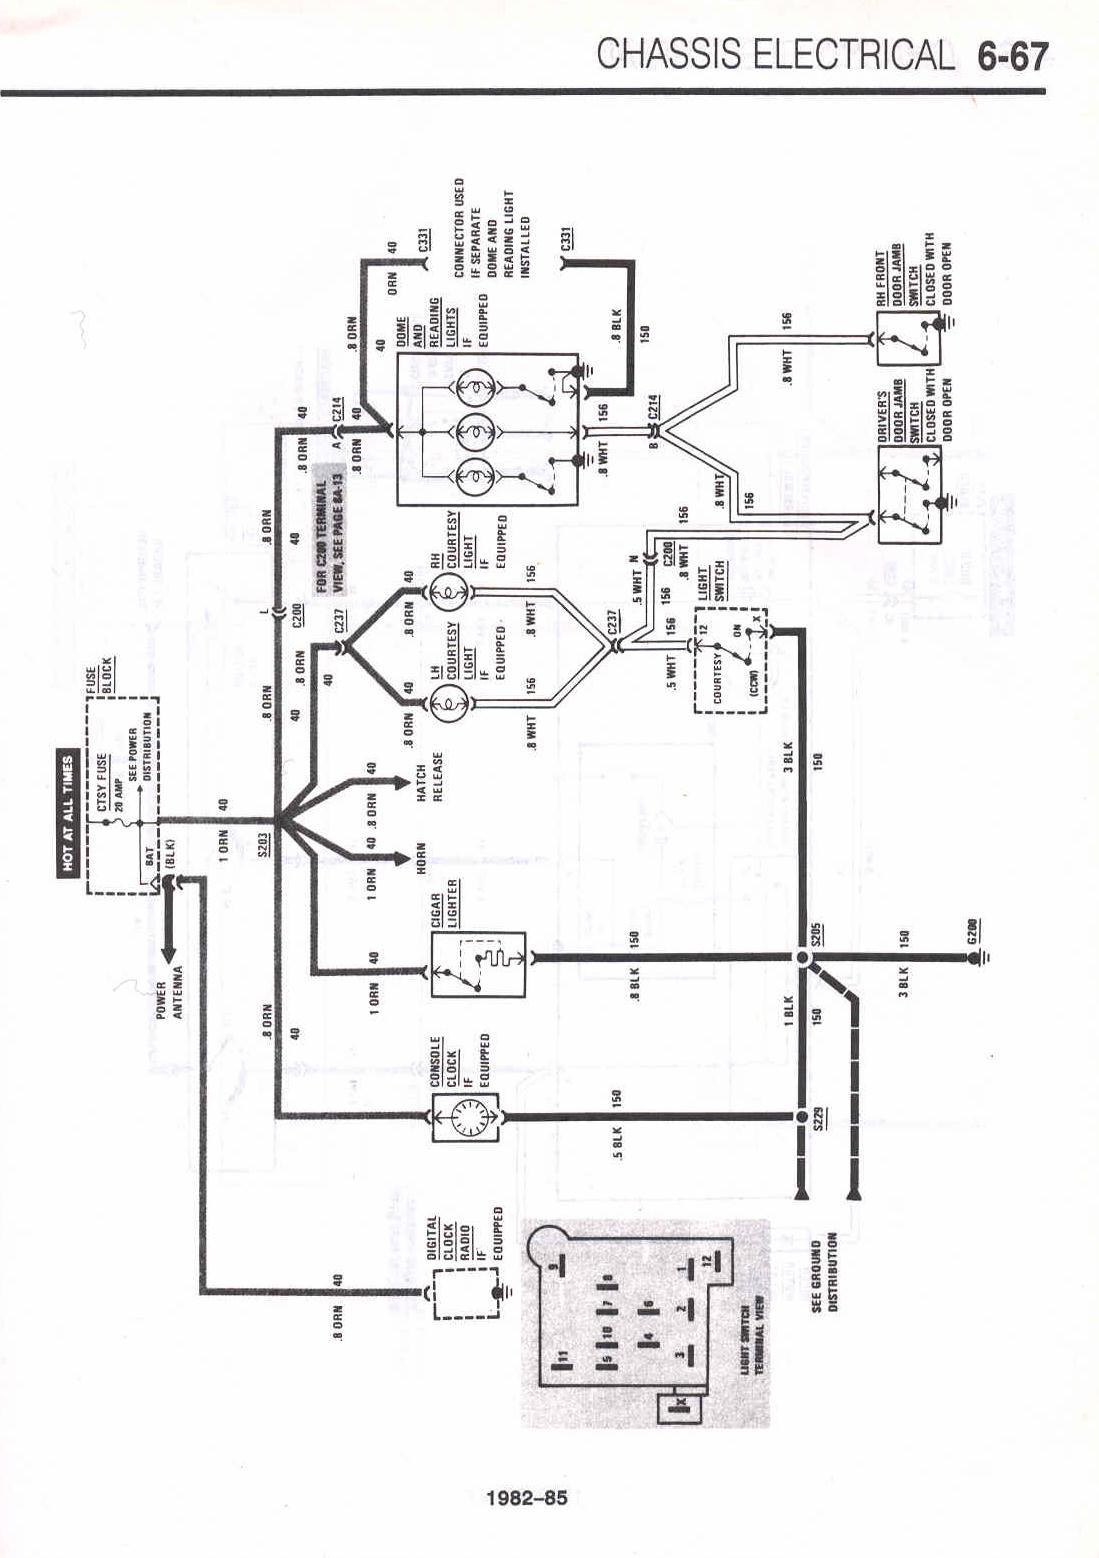 hight resolution of corvette dash wire harness guide with fuse box air 1987 camaro fuse box diagram 2010 camaro